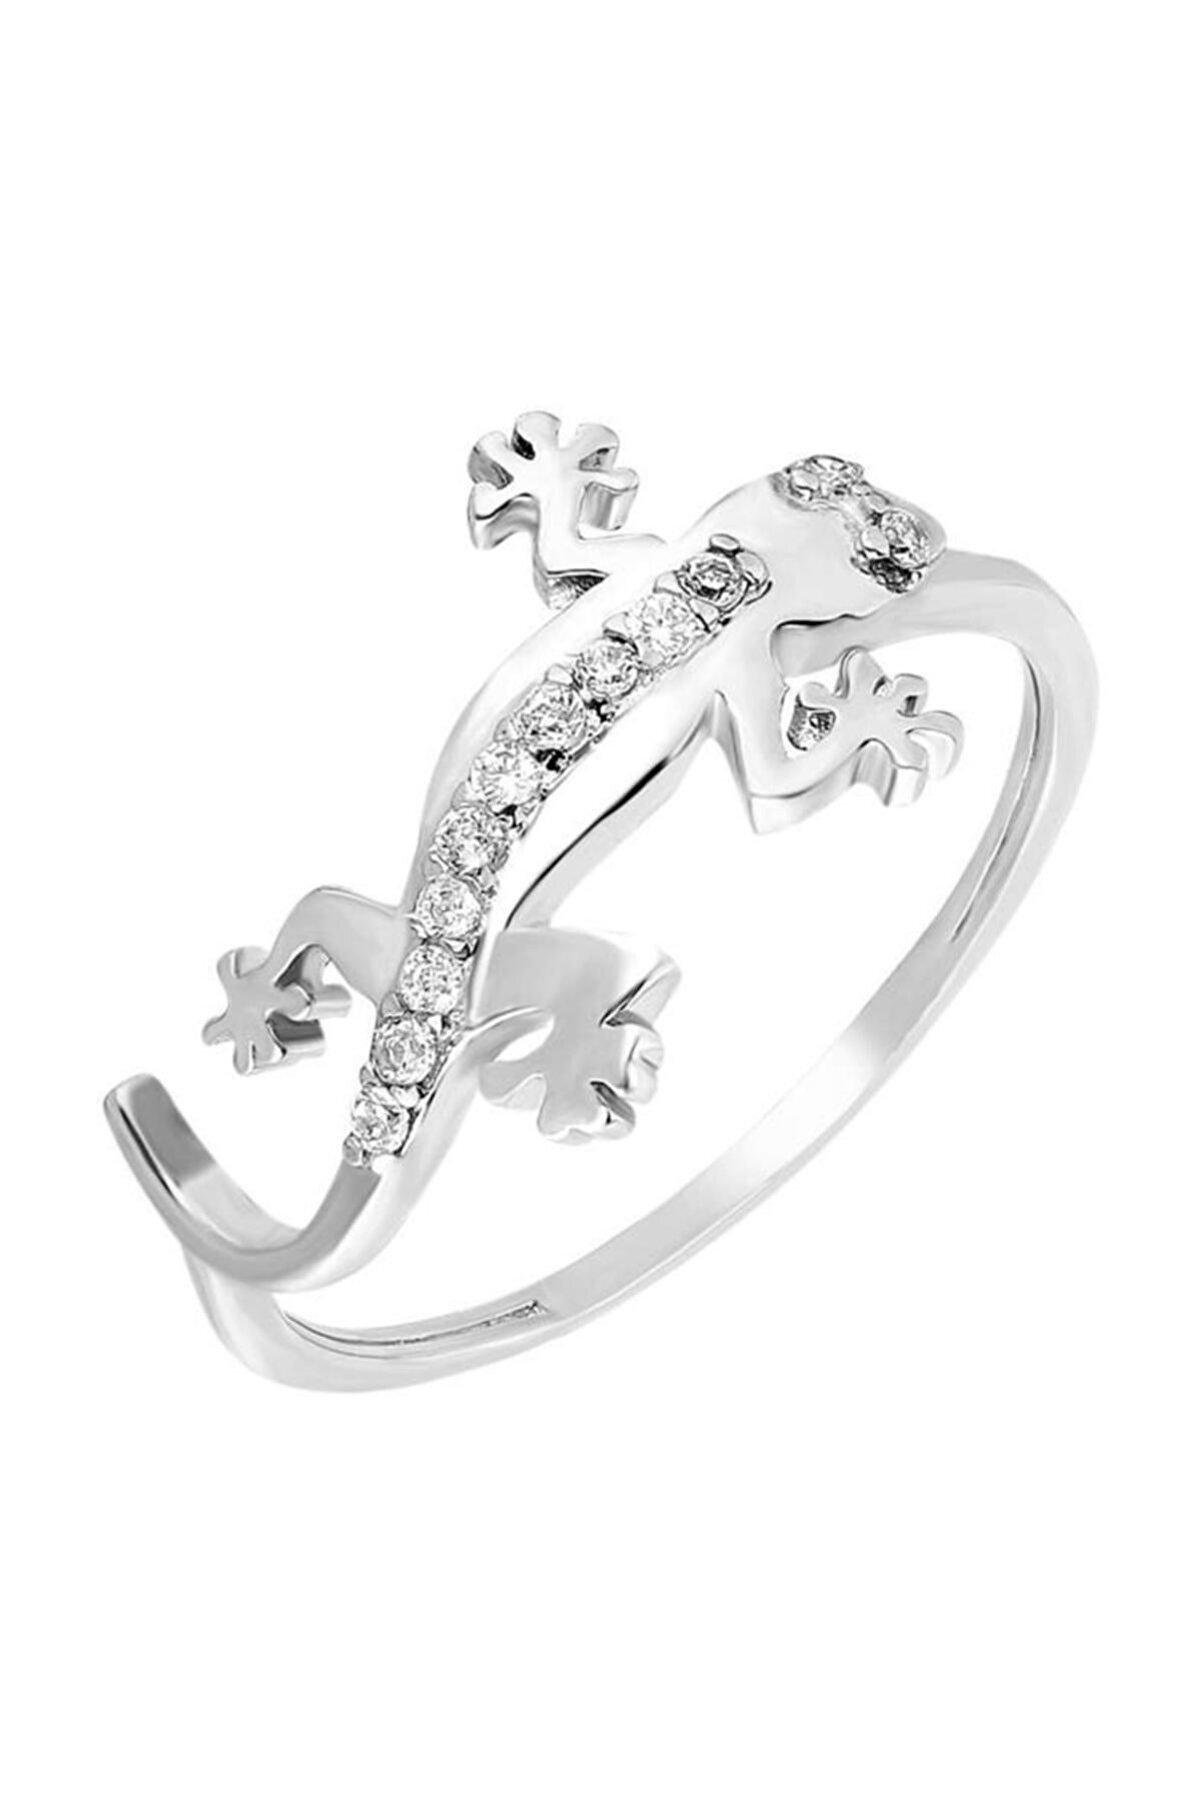 Tesbihane Zirkon Taşlı Kertenkele Tasarım 925 Ayar Gümüş Bayan Yüzük